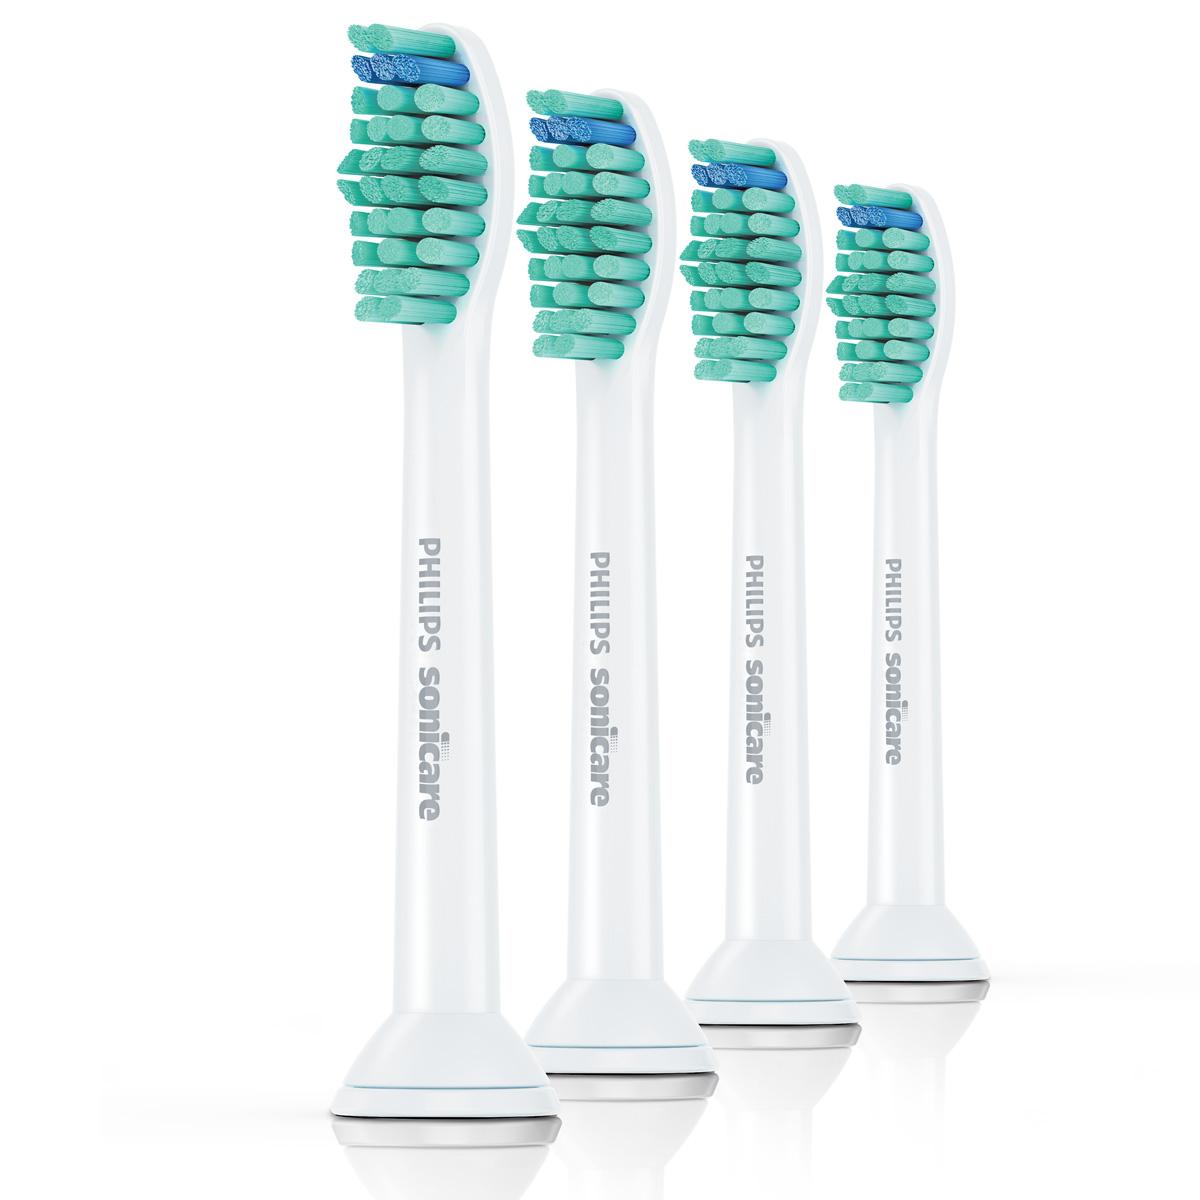 Philips HX6014/07 чистящая головка для зубного центра FlexCare и звуковой зубной щетки HealthyWhite, 4 шт